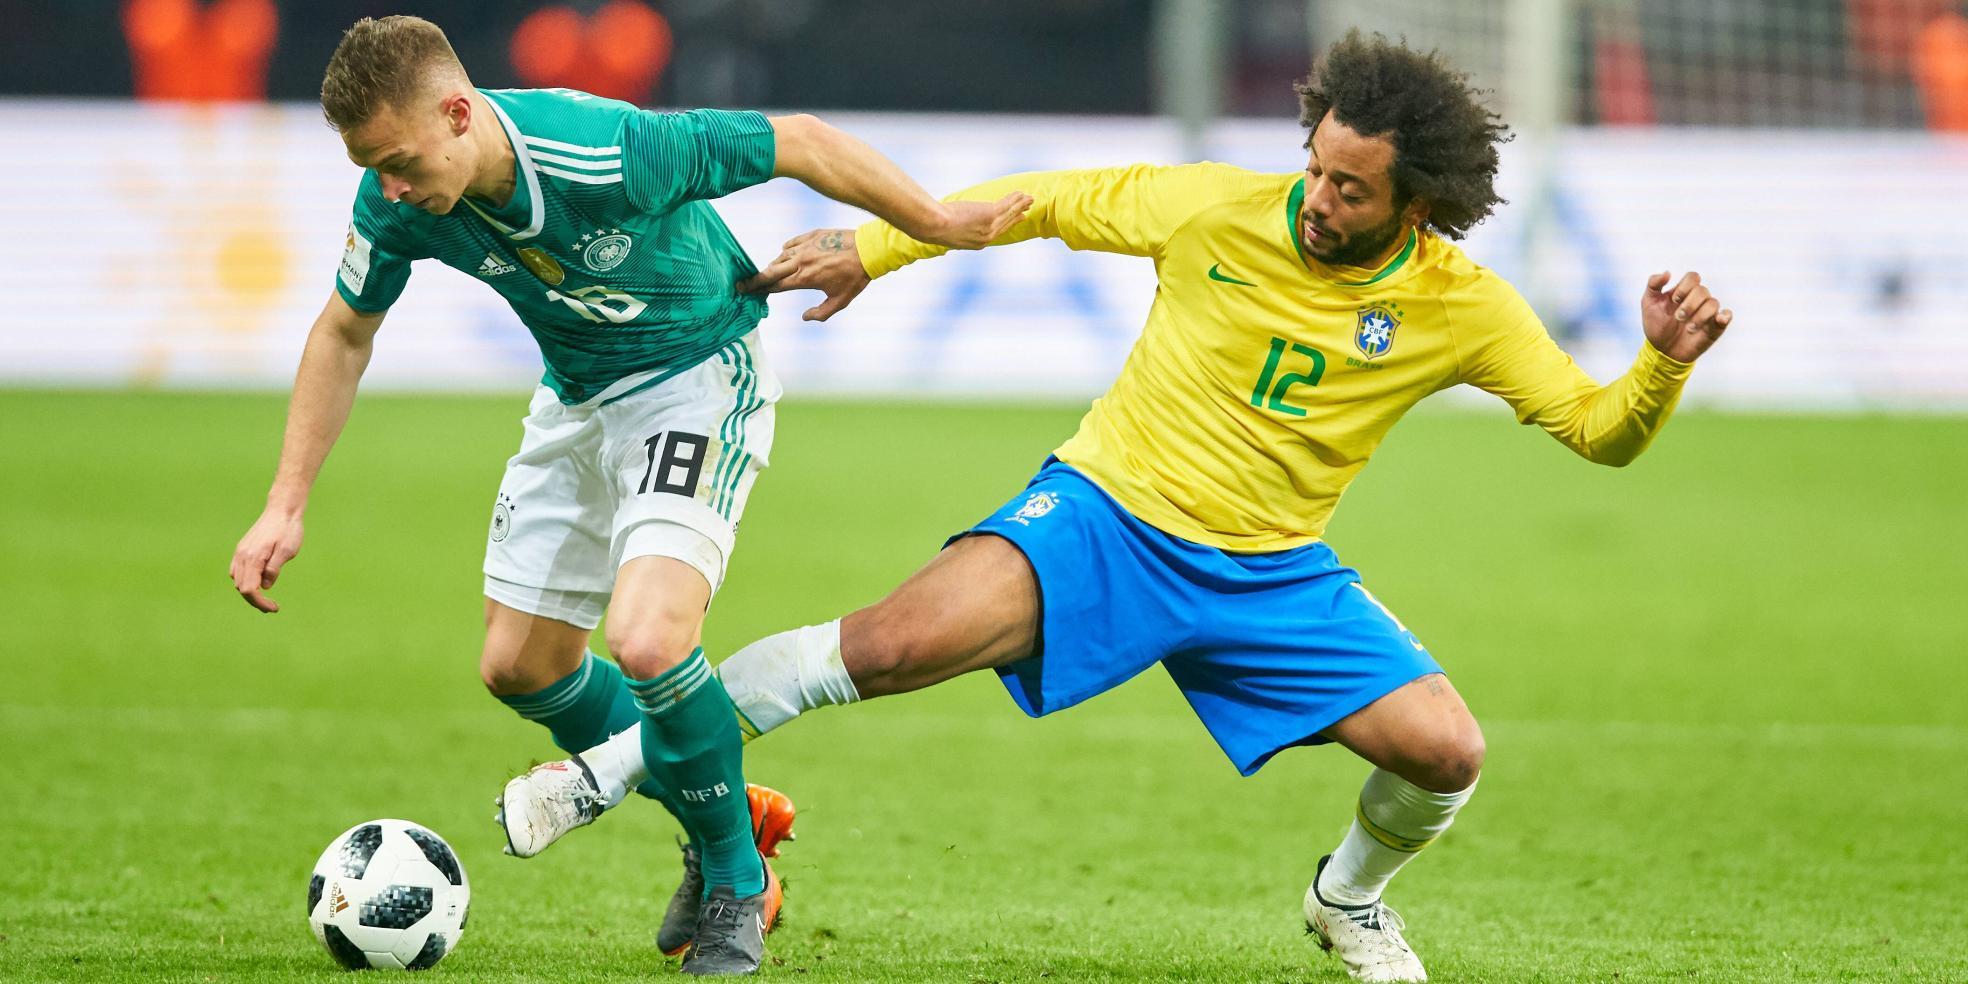 Brasiliens Marcelo im Zweikampf mit Deutschlands Joshua Kimmich